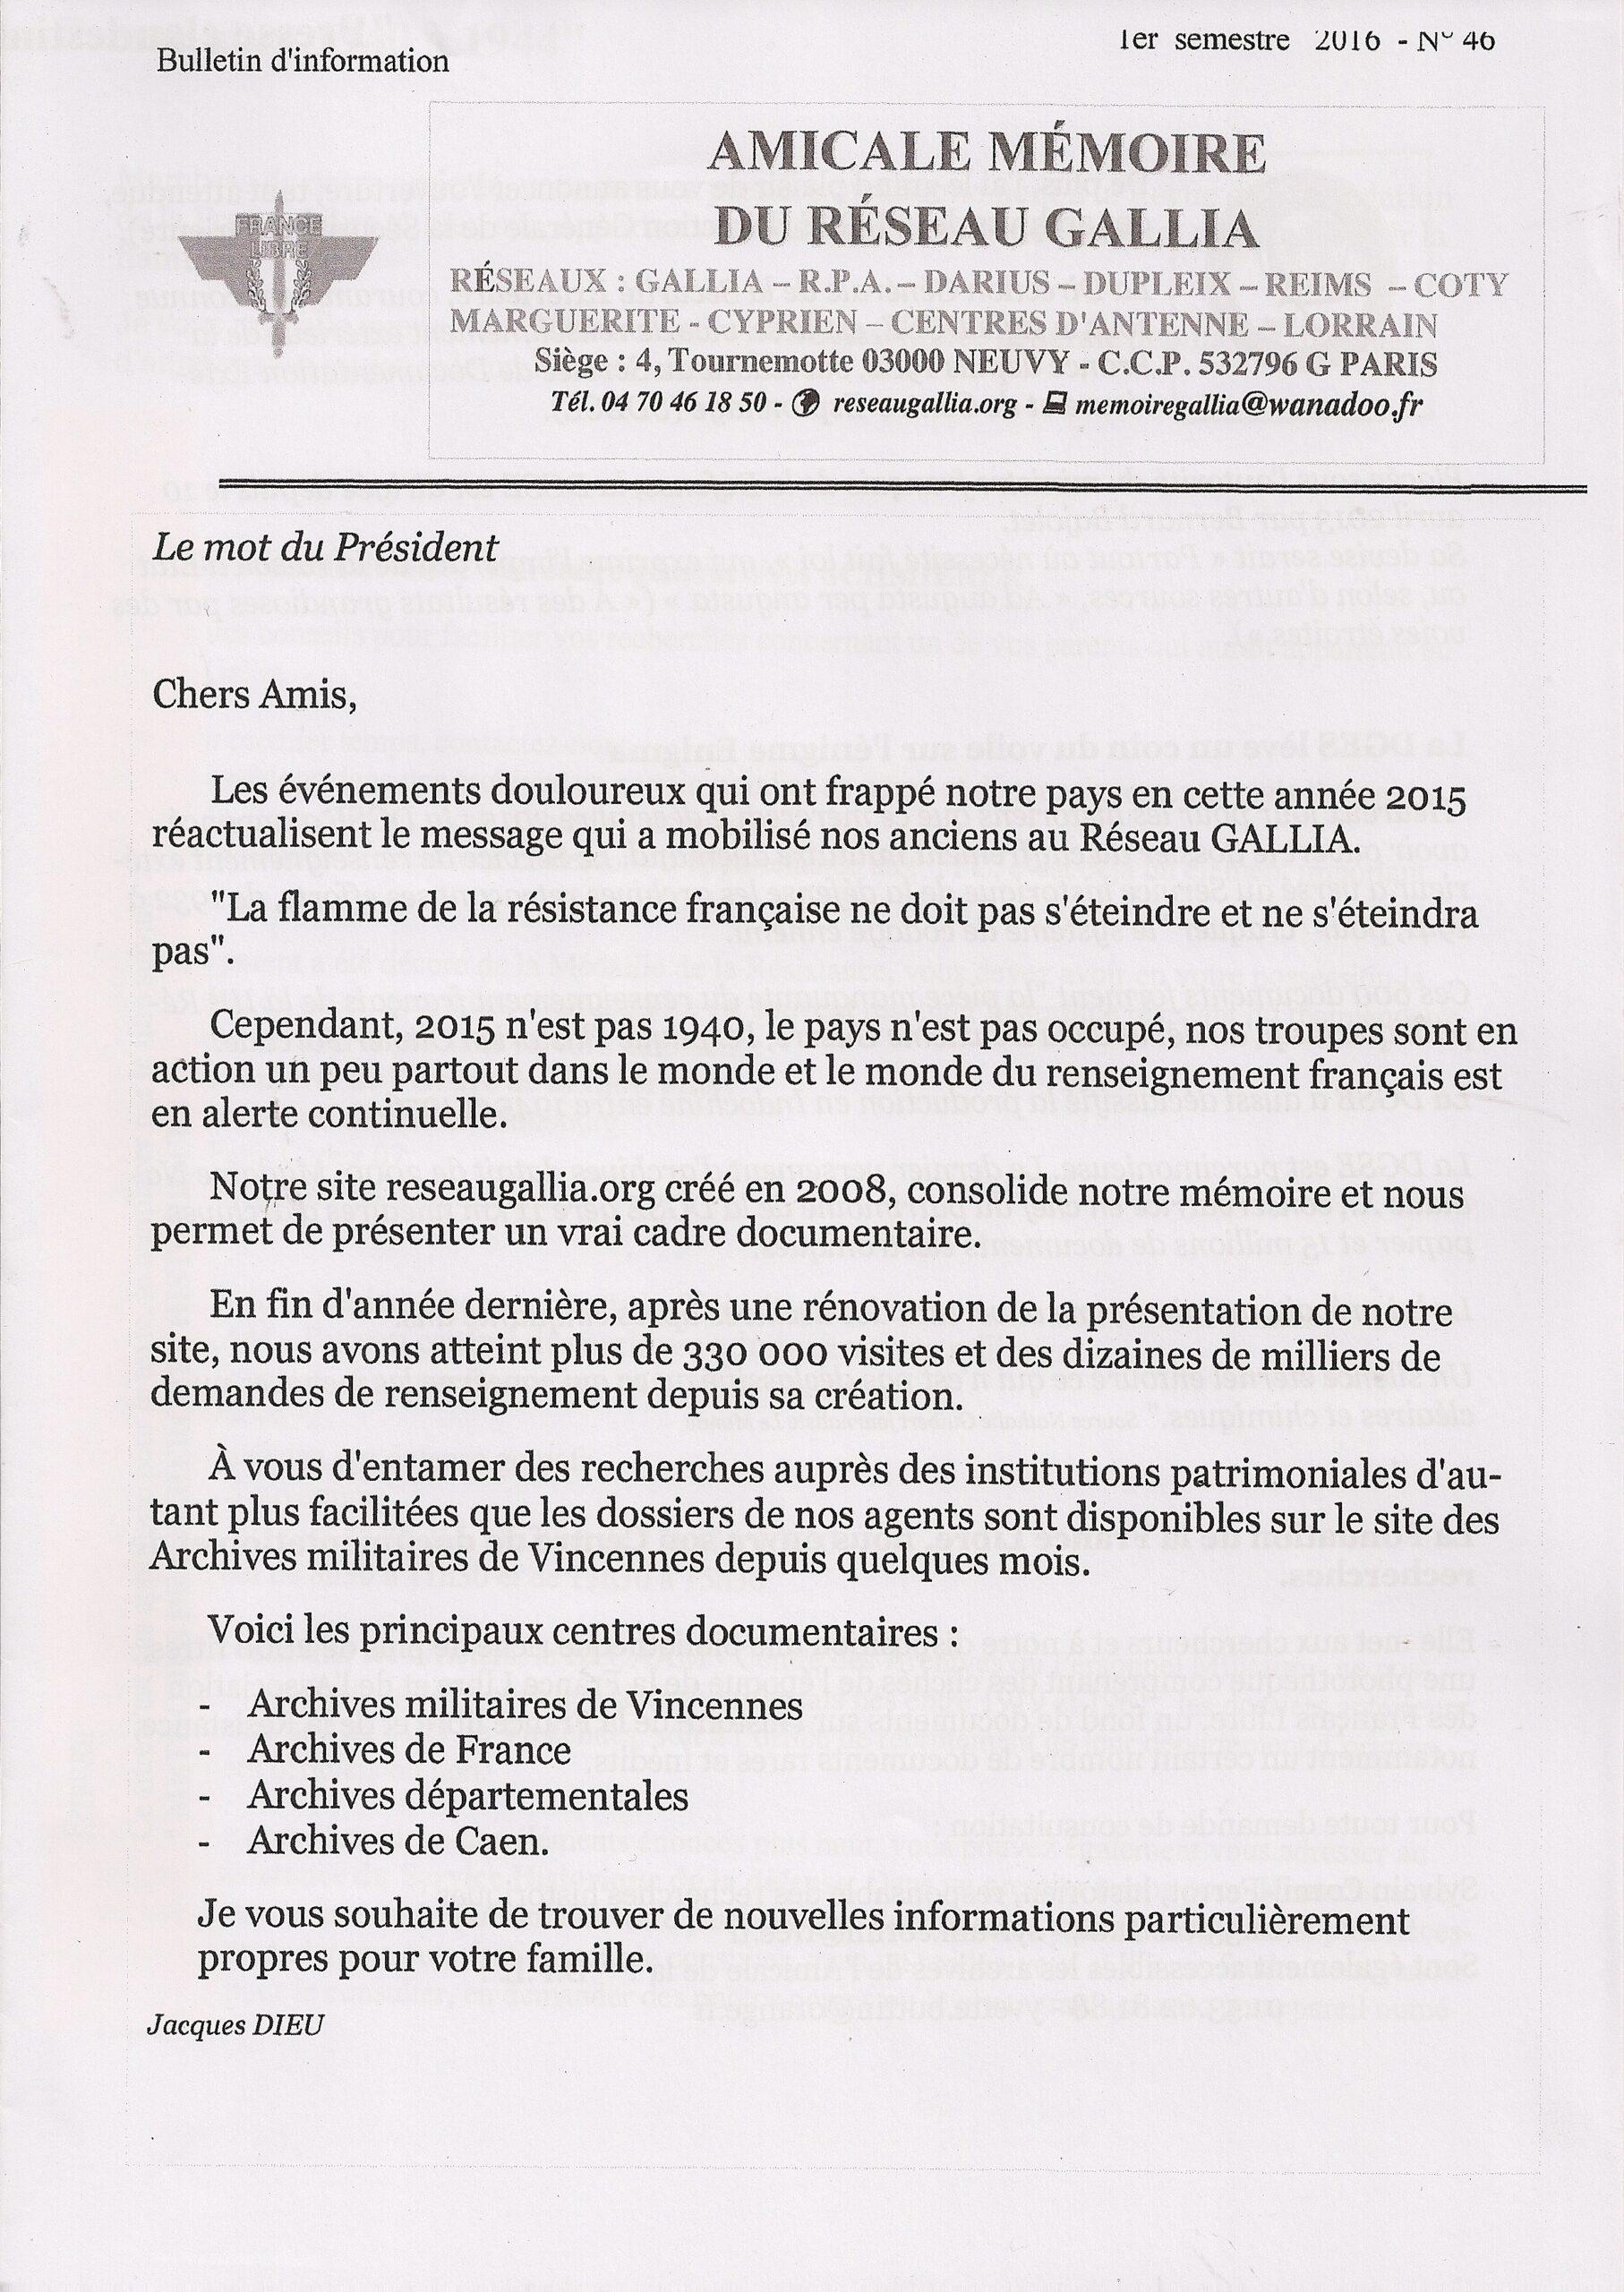 Amicale Mémoire du Réseau Gallia, n° 46 (périodique)